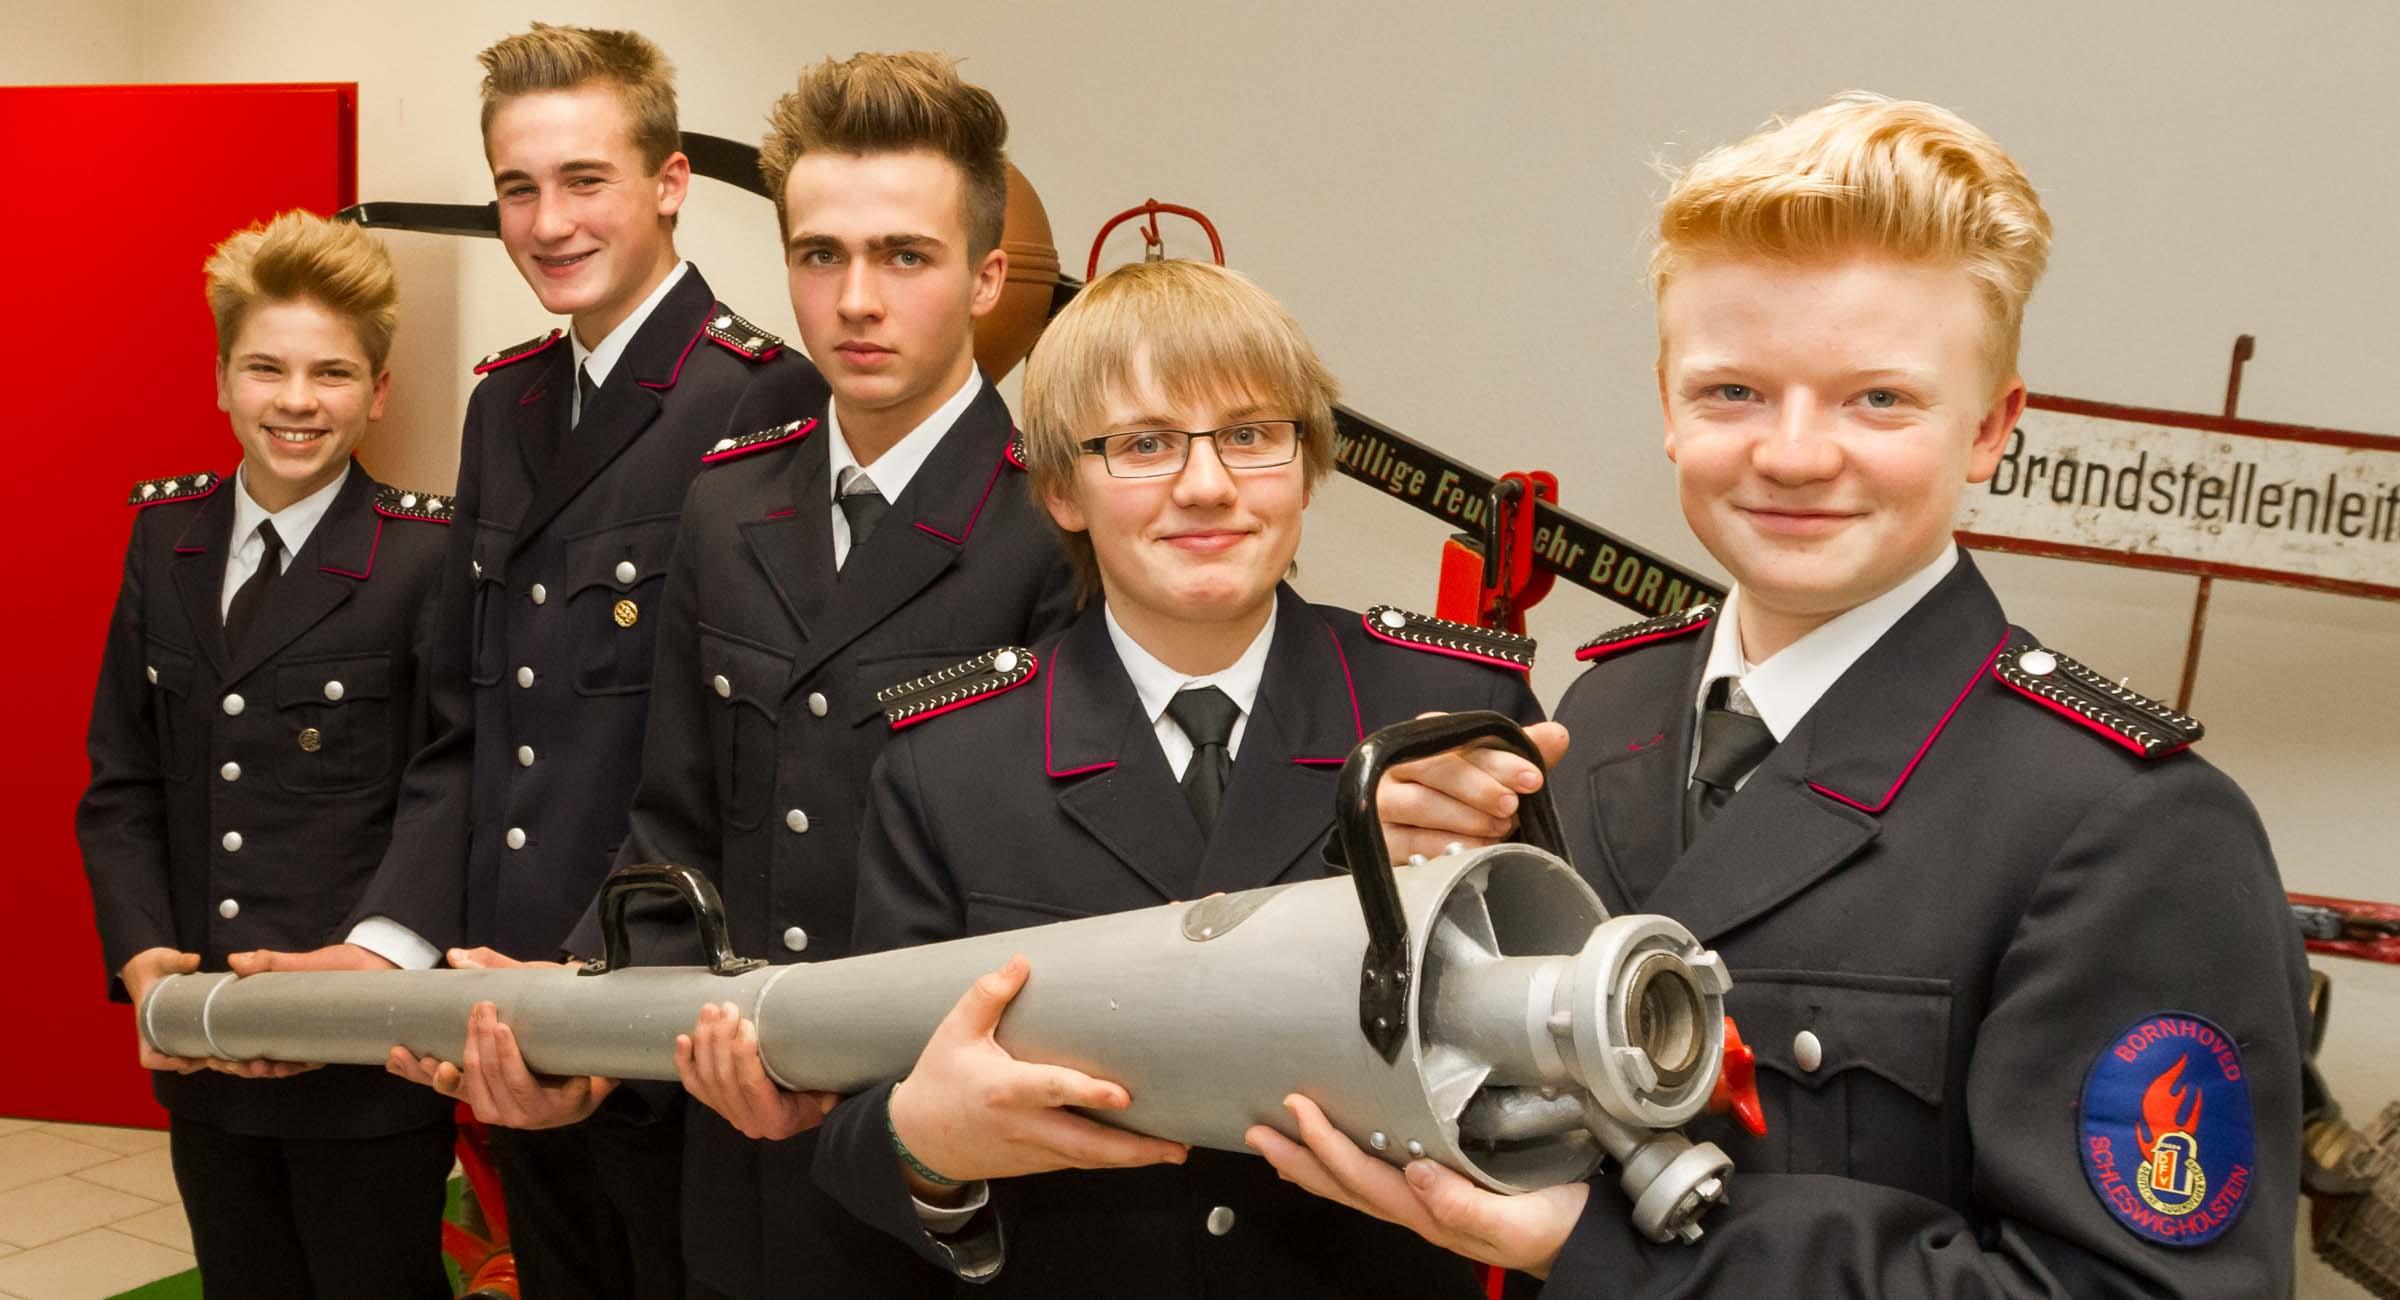 Wachwechsel bei der Freiwilligen Feuerwehr Bornhöved. Dirk Stemke wurde neuer Wehrführer